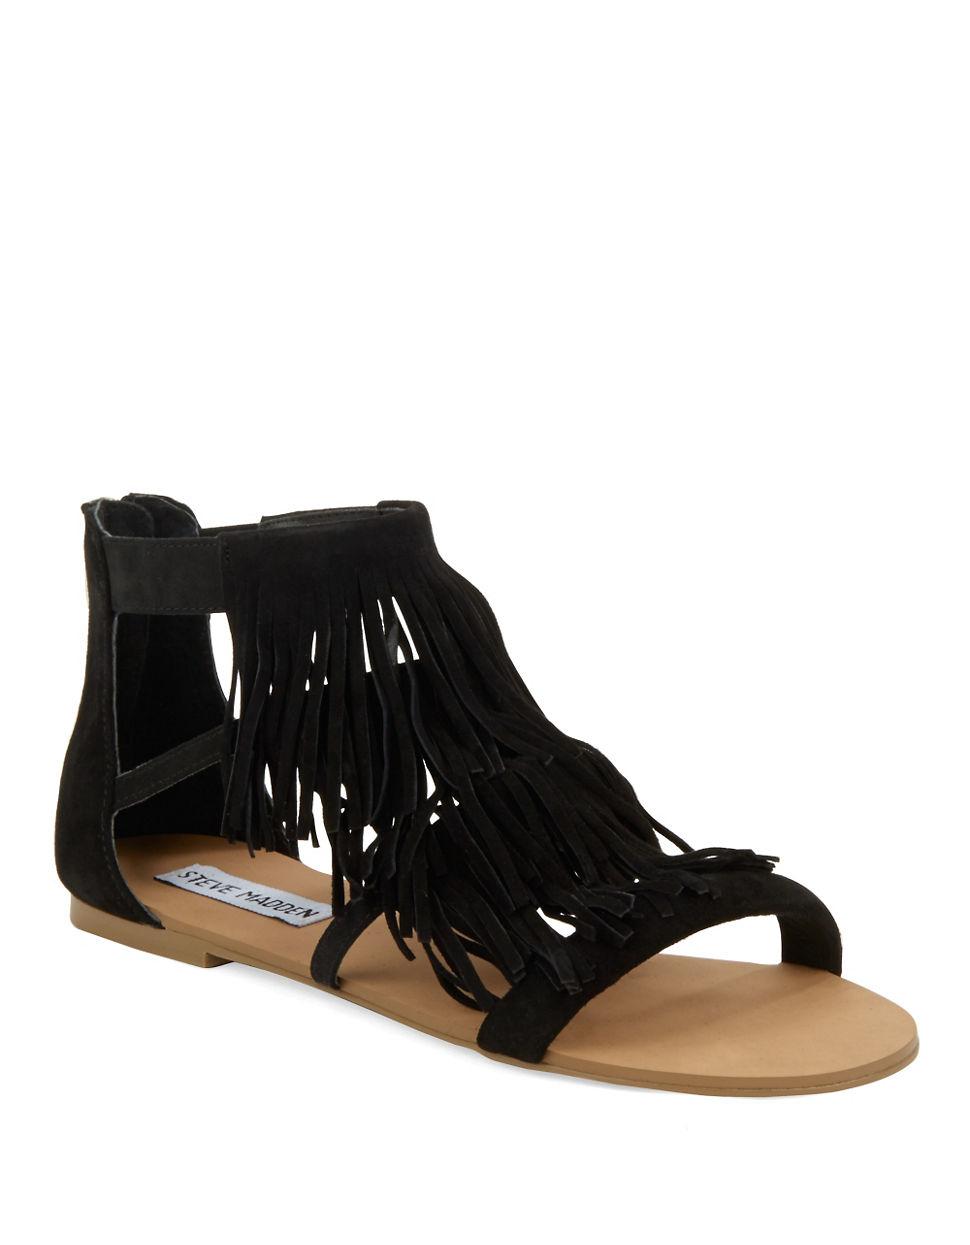 steve madden leather fringe sandal in black black suede